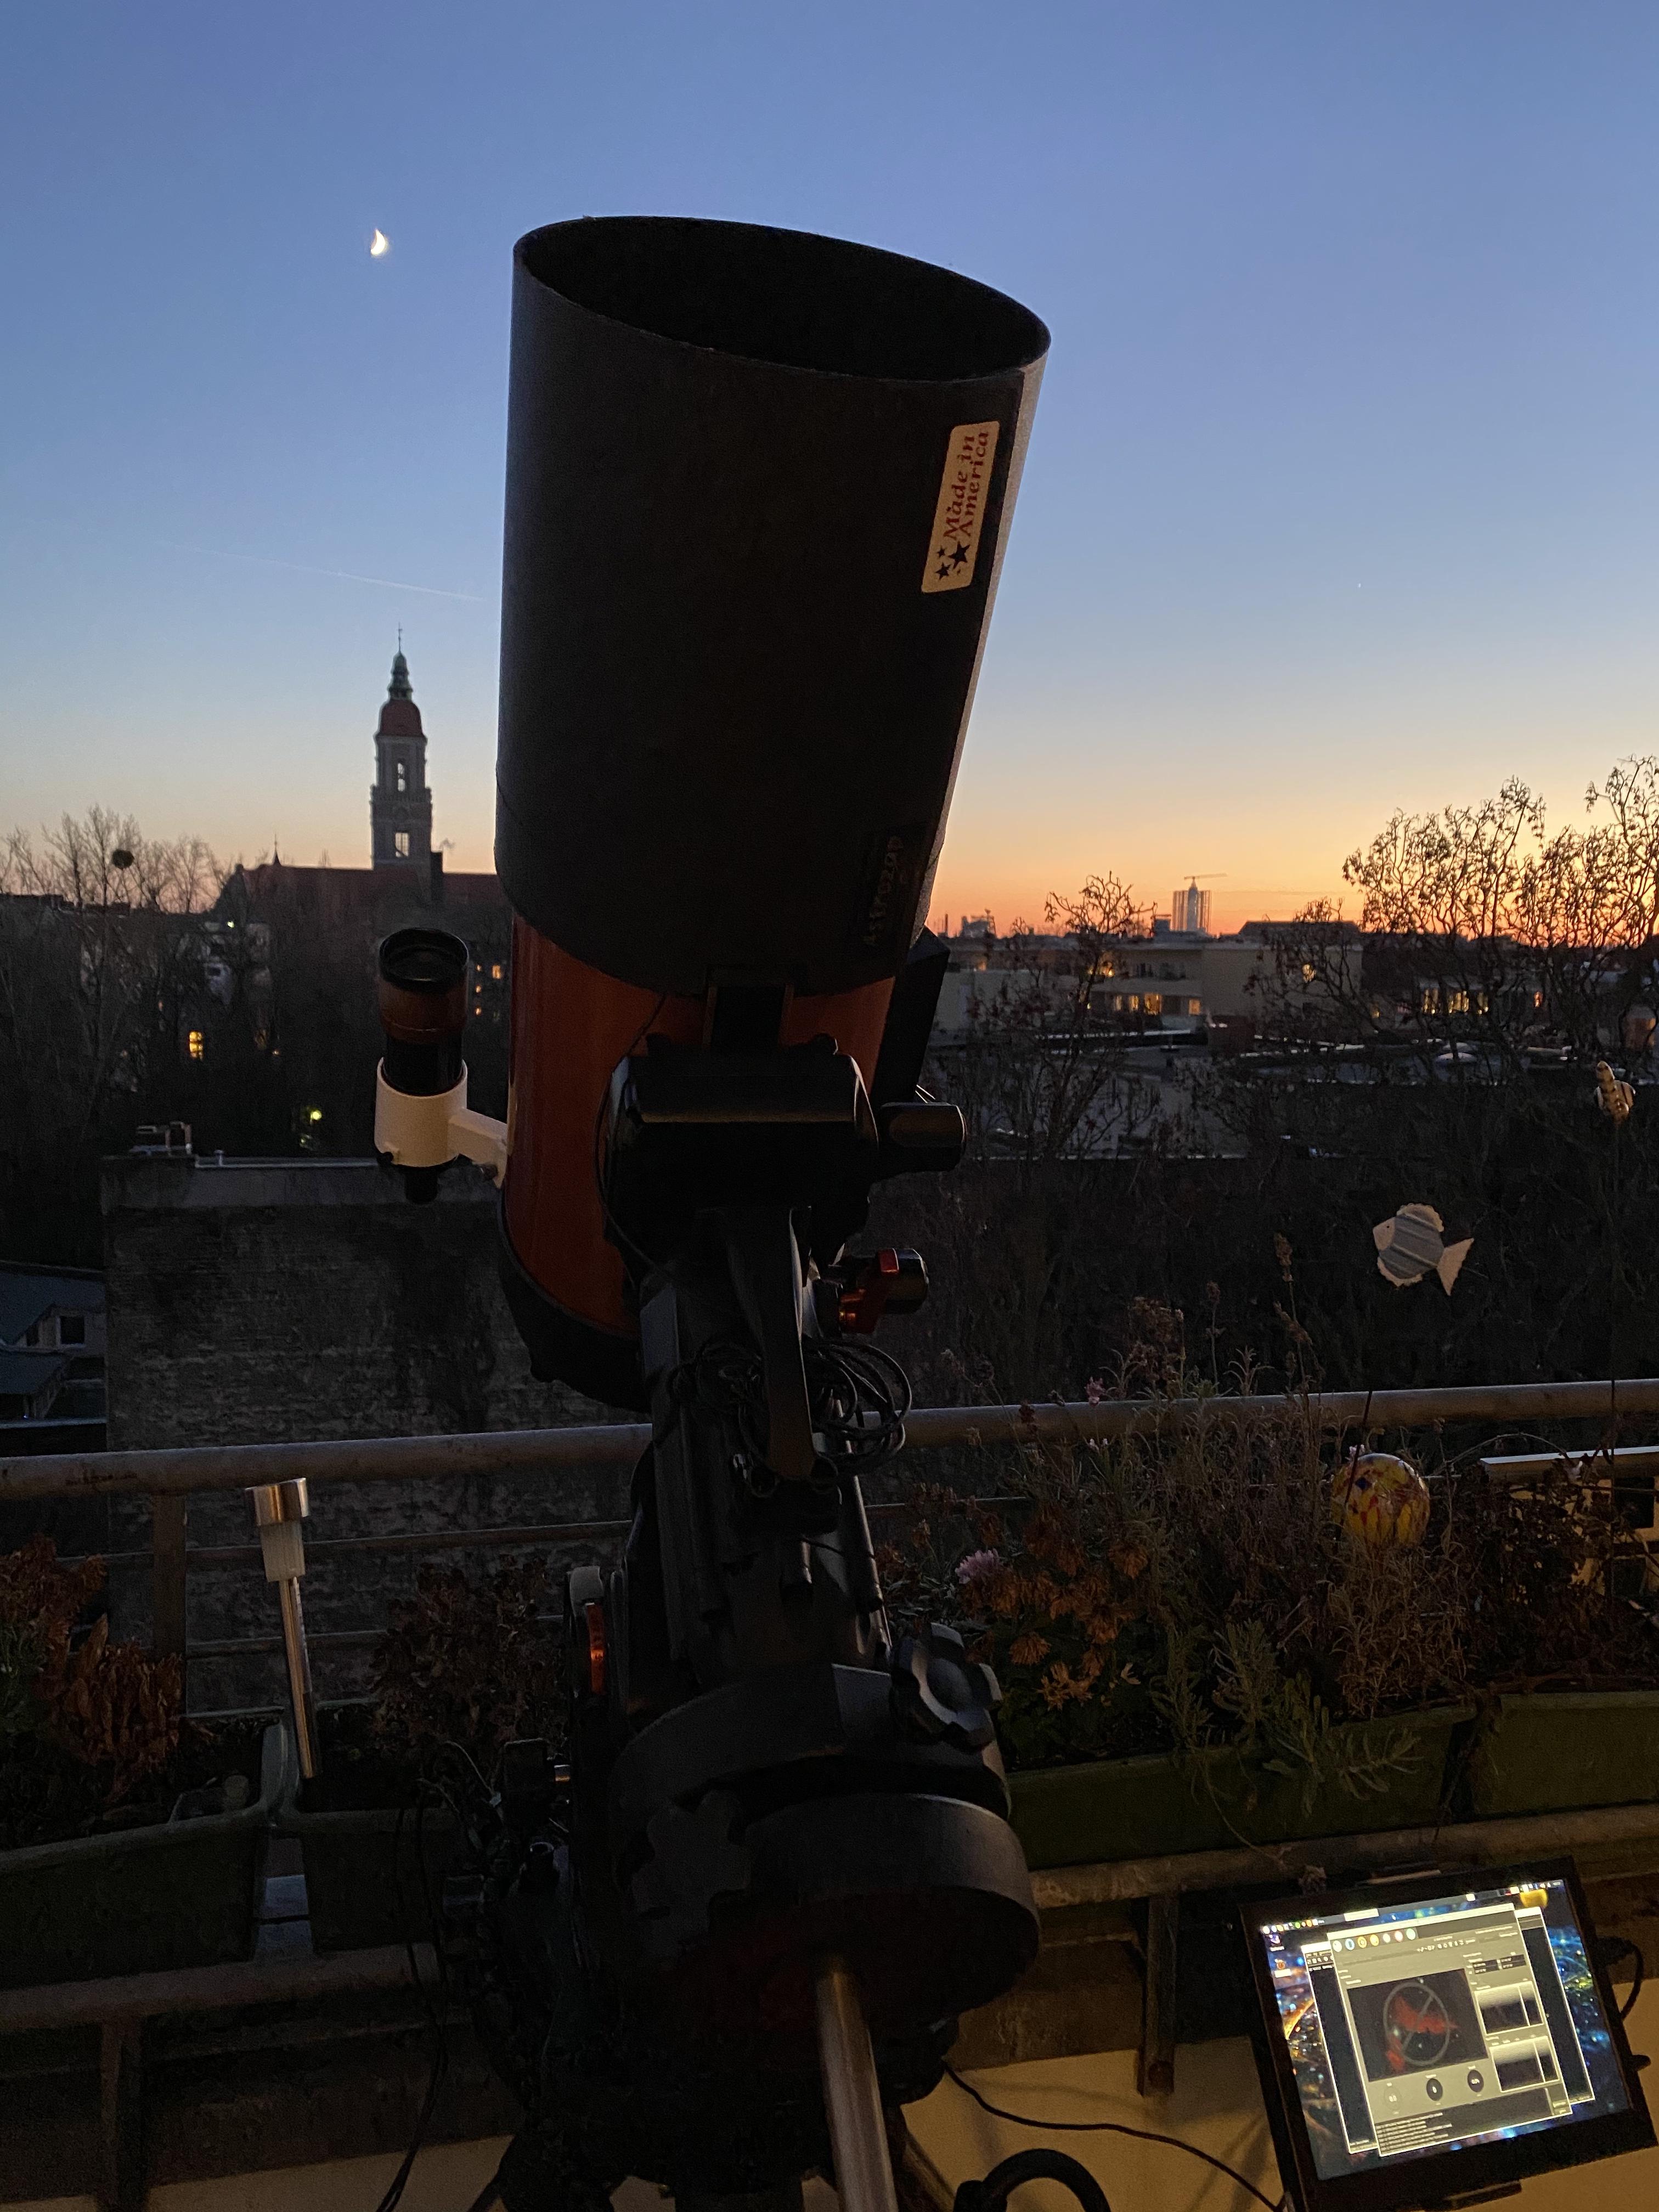 Teleskop in Parkposition